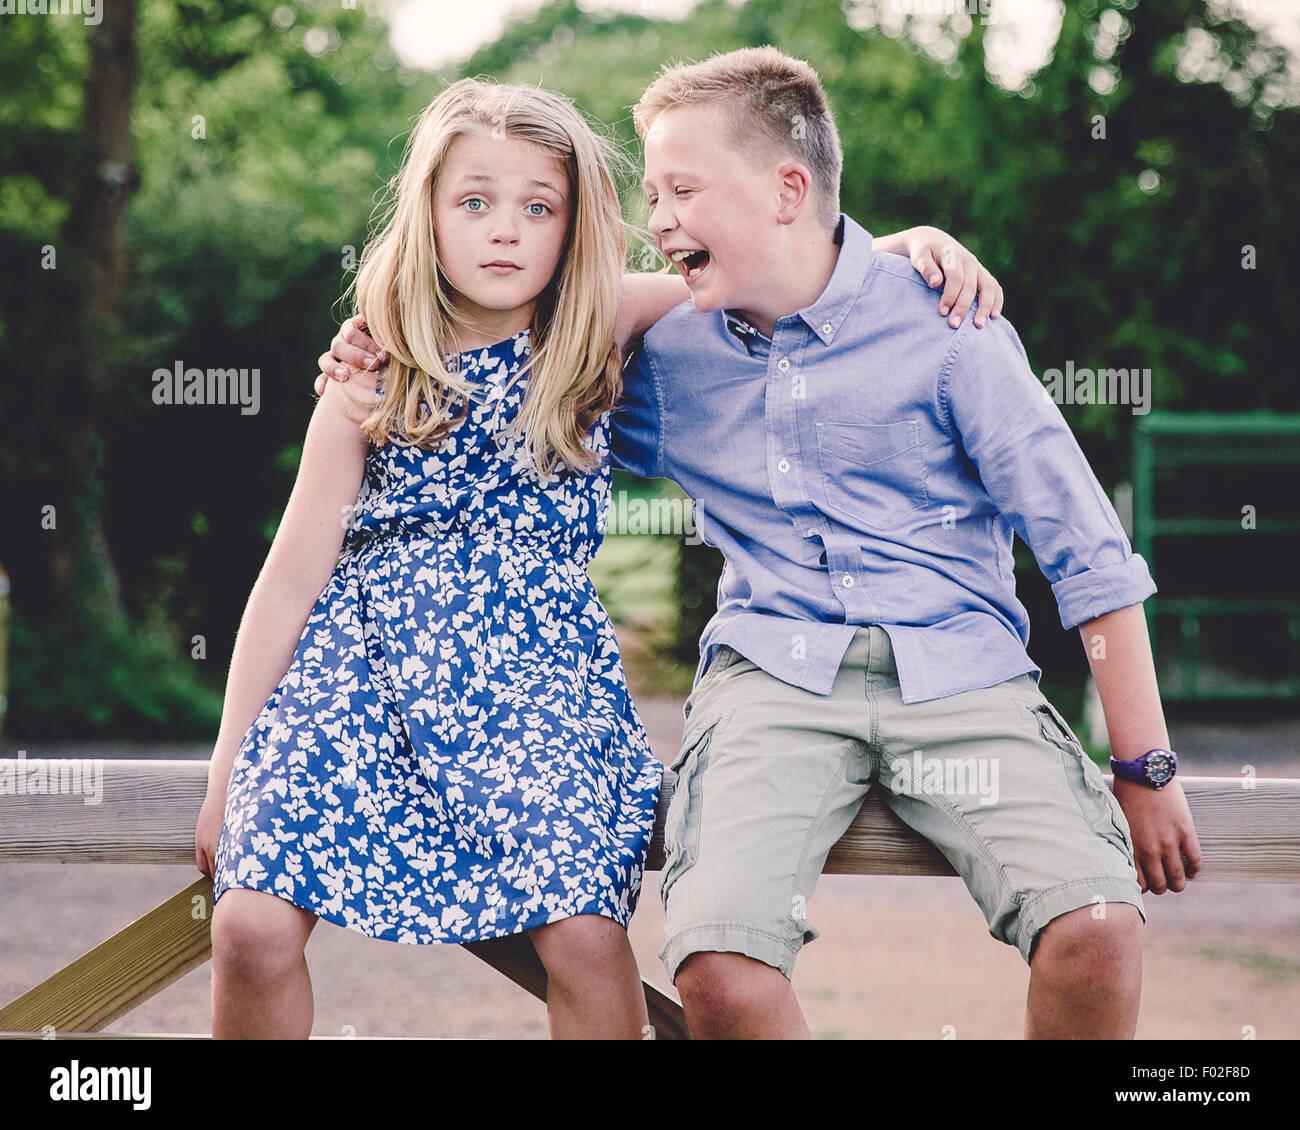 Boy porte en bois avec leurs bras autour de l'autre Photo Stock